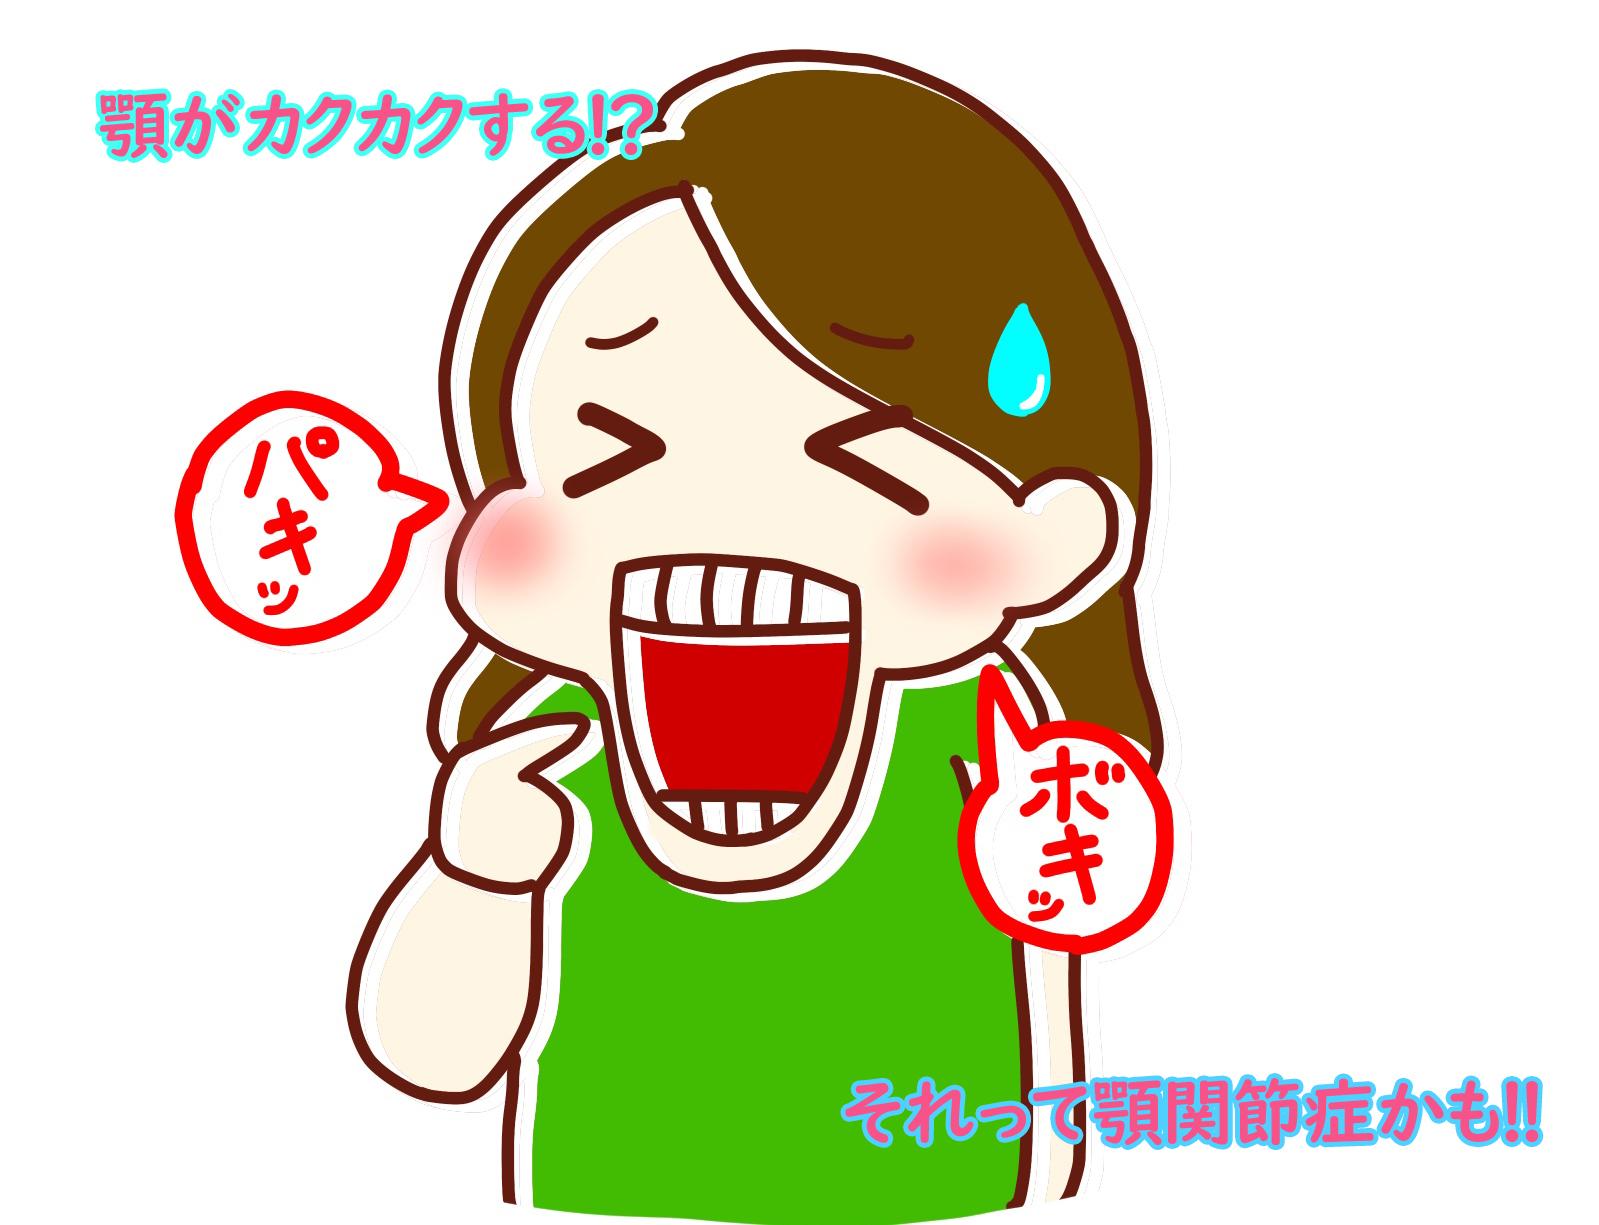 痛 額 で 治し 関節 症 方 自分